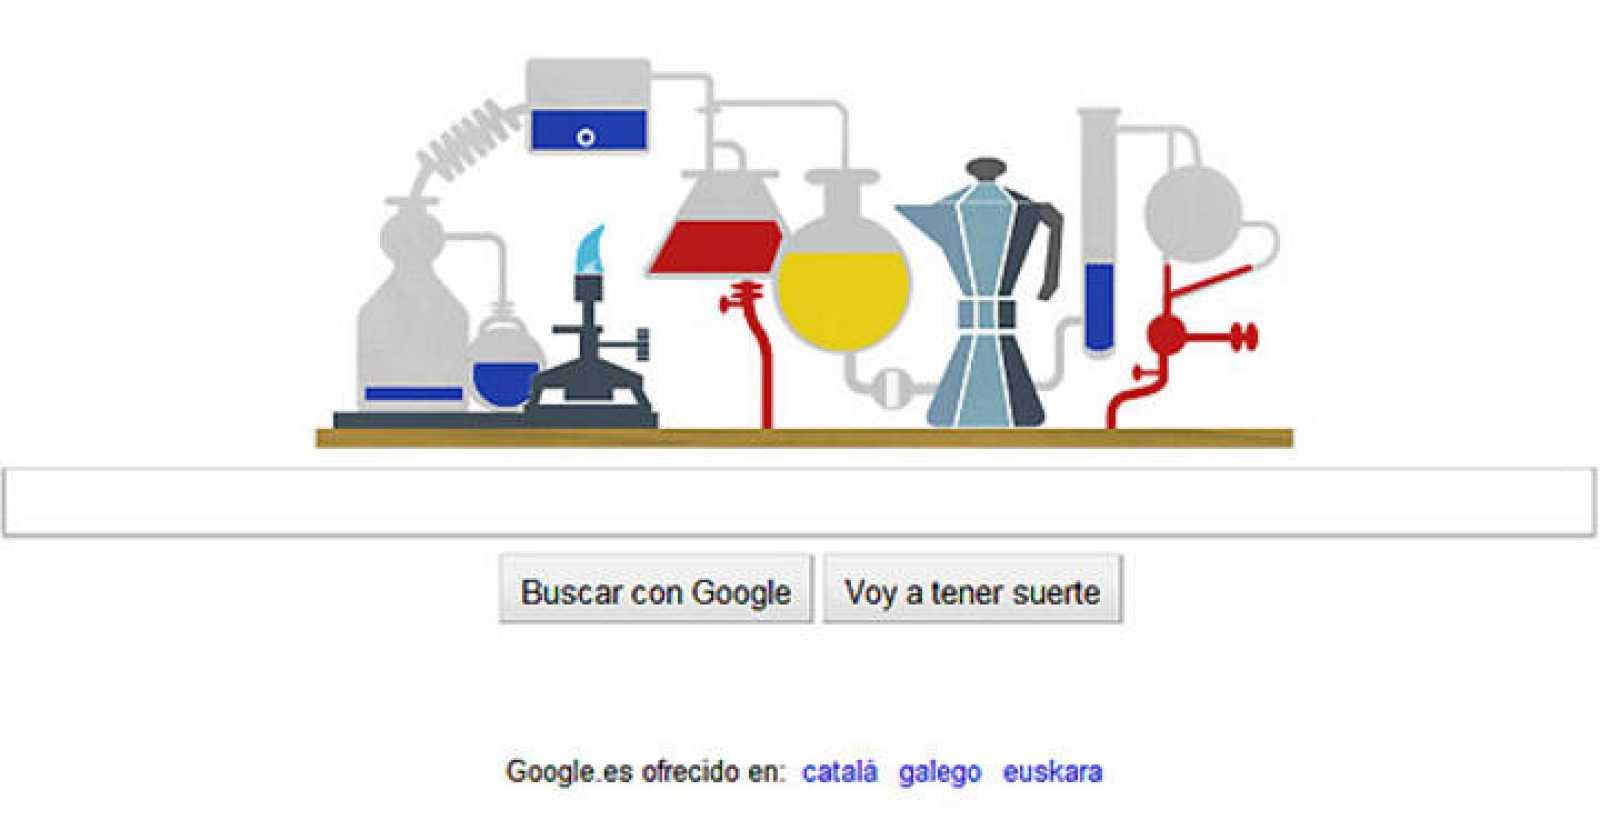 El logo de Google homenajea al químico Robert Bunsen y su invento más conocido, el mechero de Bunsen